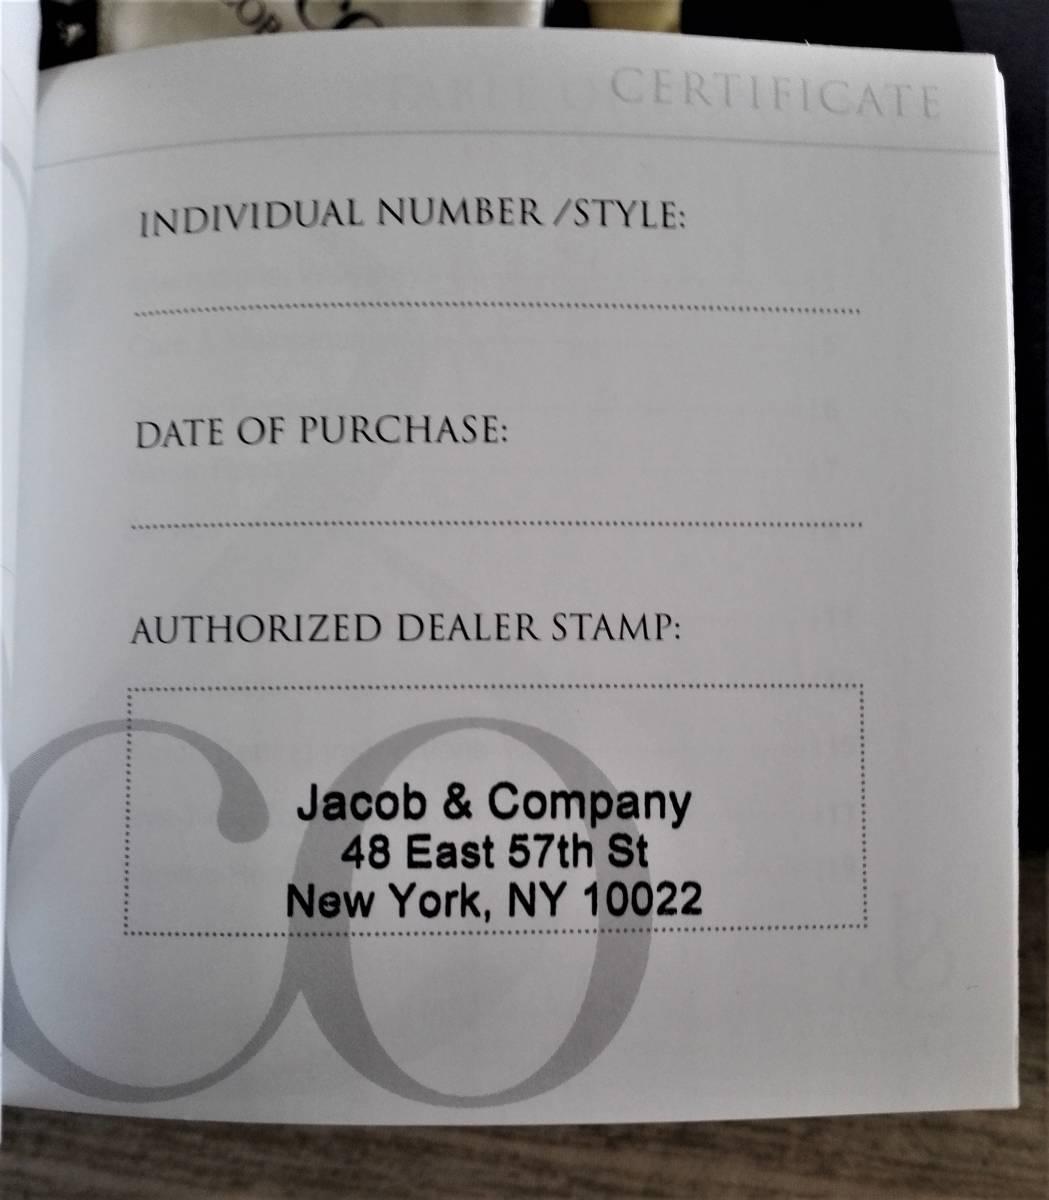 新品本物 ジェイコブ ◆ファイブタイムゾーン◆ 40MM クォーツ ◆ダイヤ&替えベルト付き◆ ◆定価112万円◆ Jacob & Co.JCM-91DA _画像7